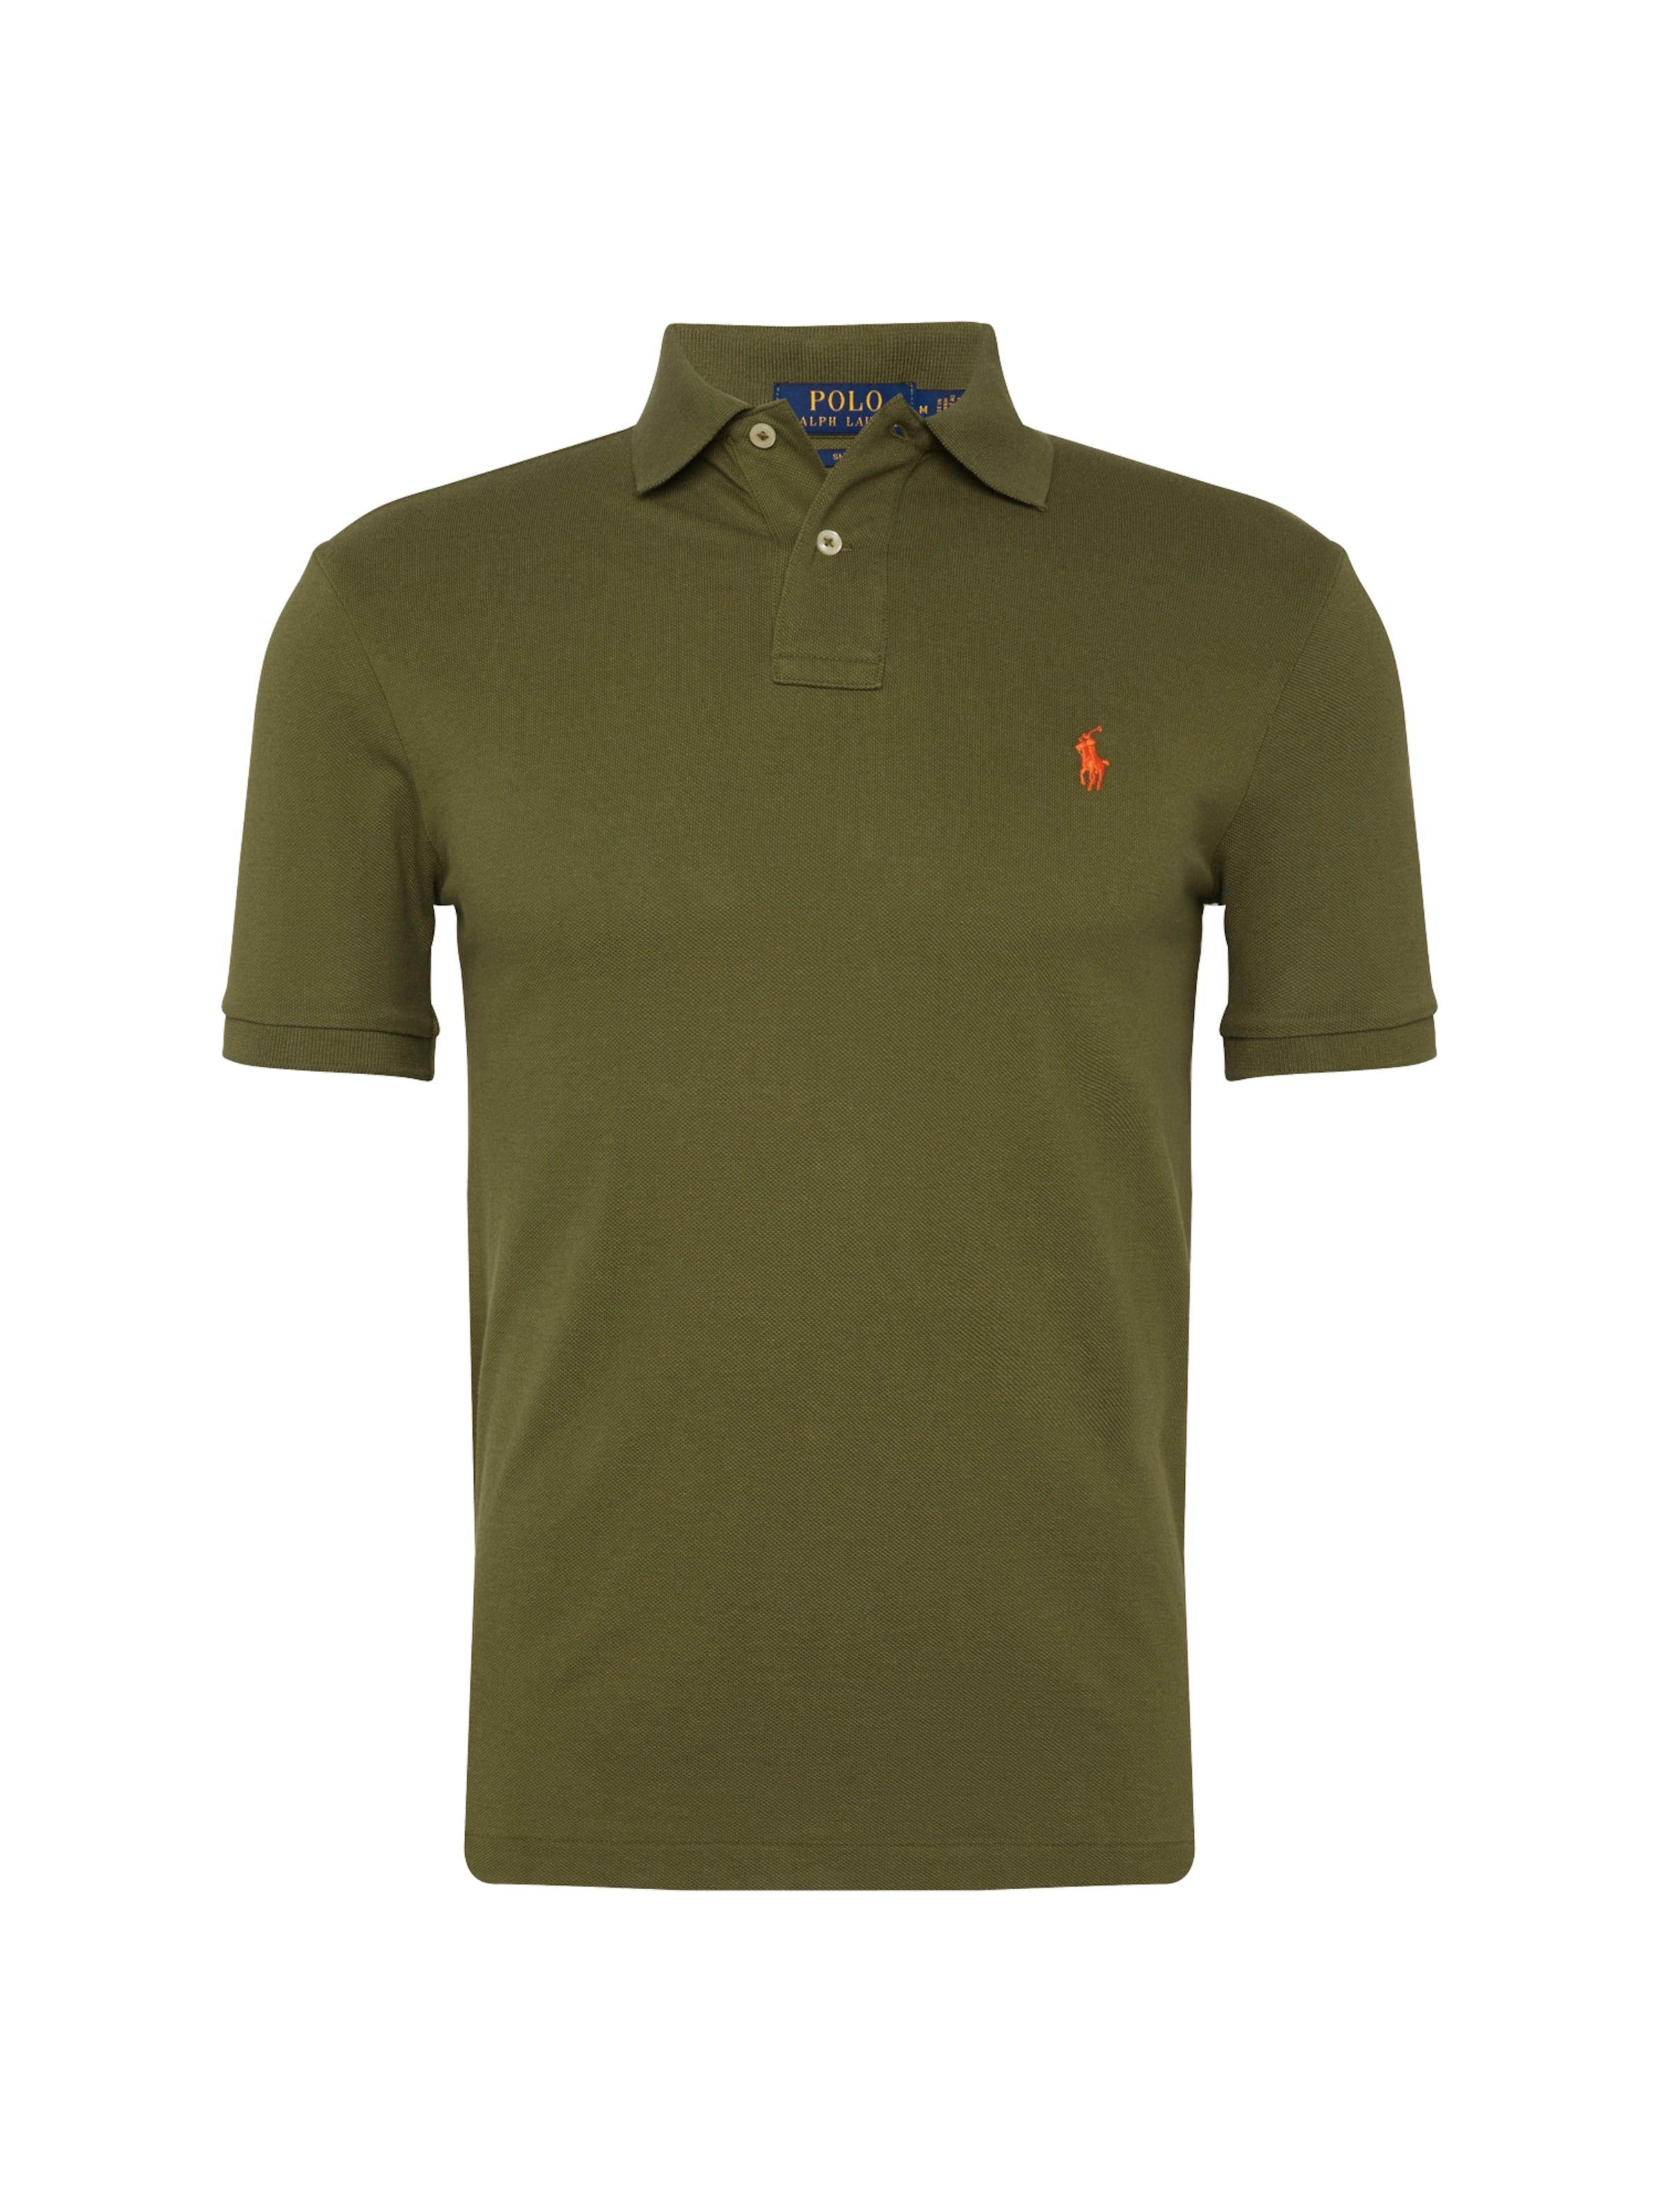 'sskcslm1 T Lauren knit' En shirt short Sleeve Olive Polo Ralph JcF3uTlK1